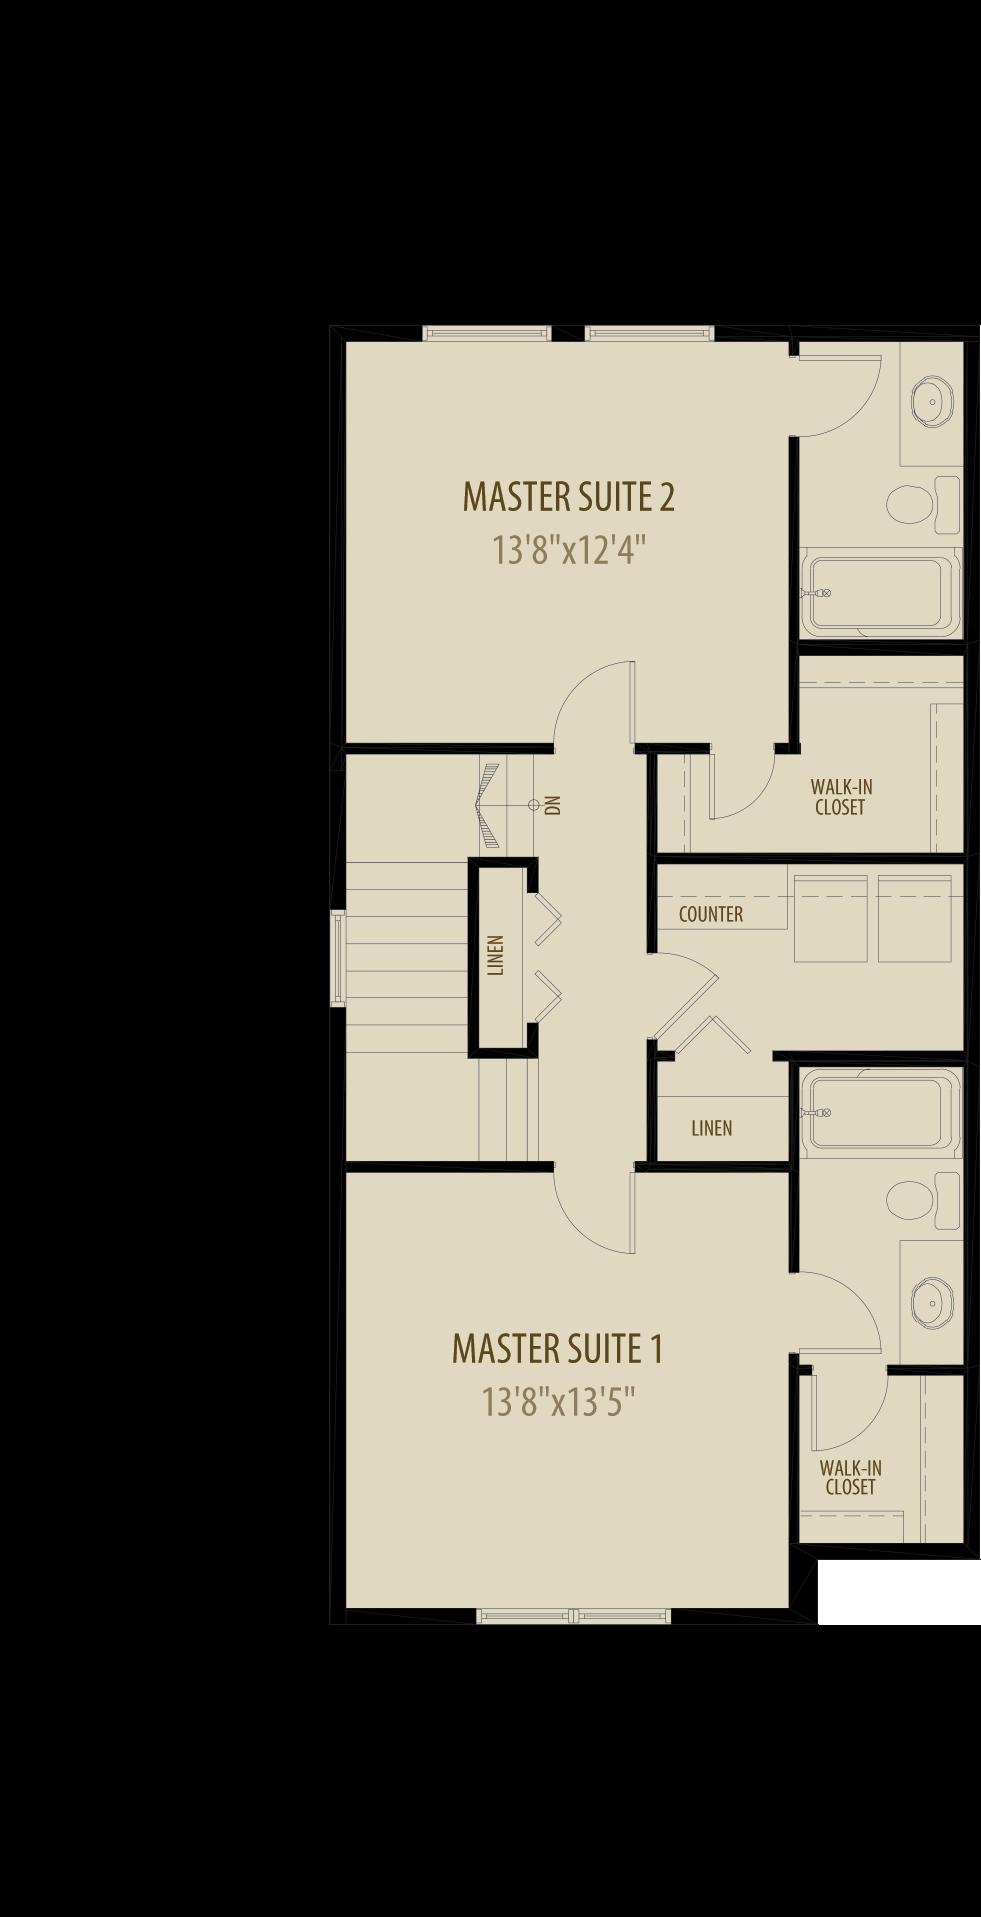 Dual Master Suites Deletes 9Sq Ft